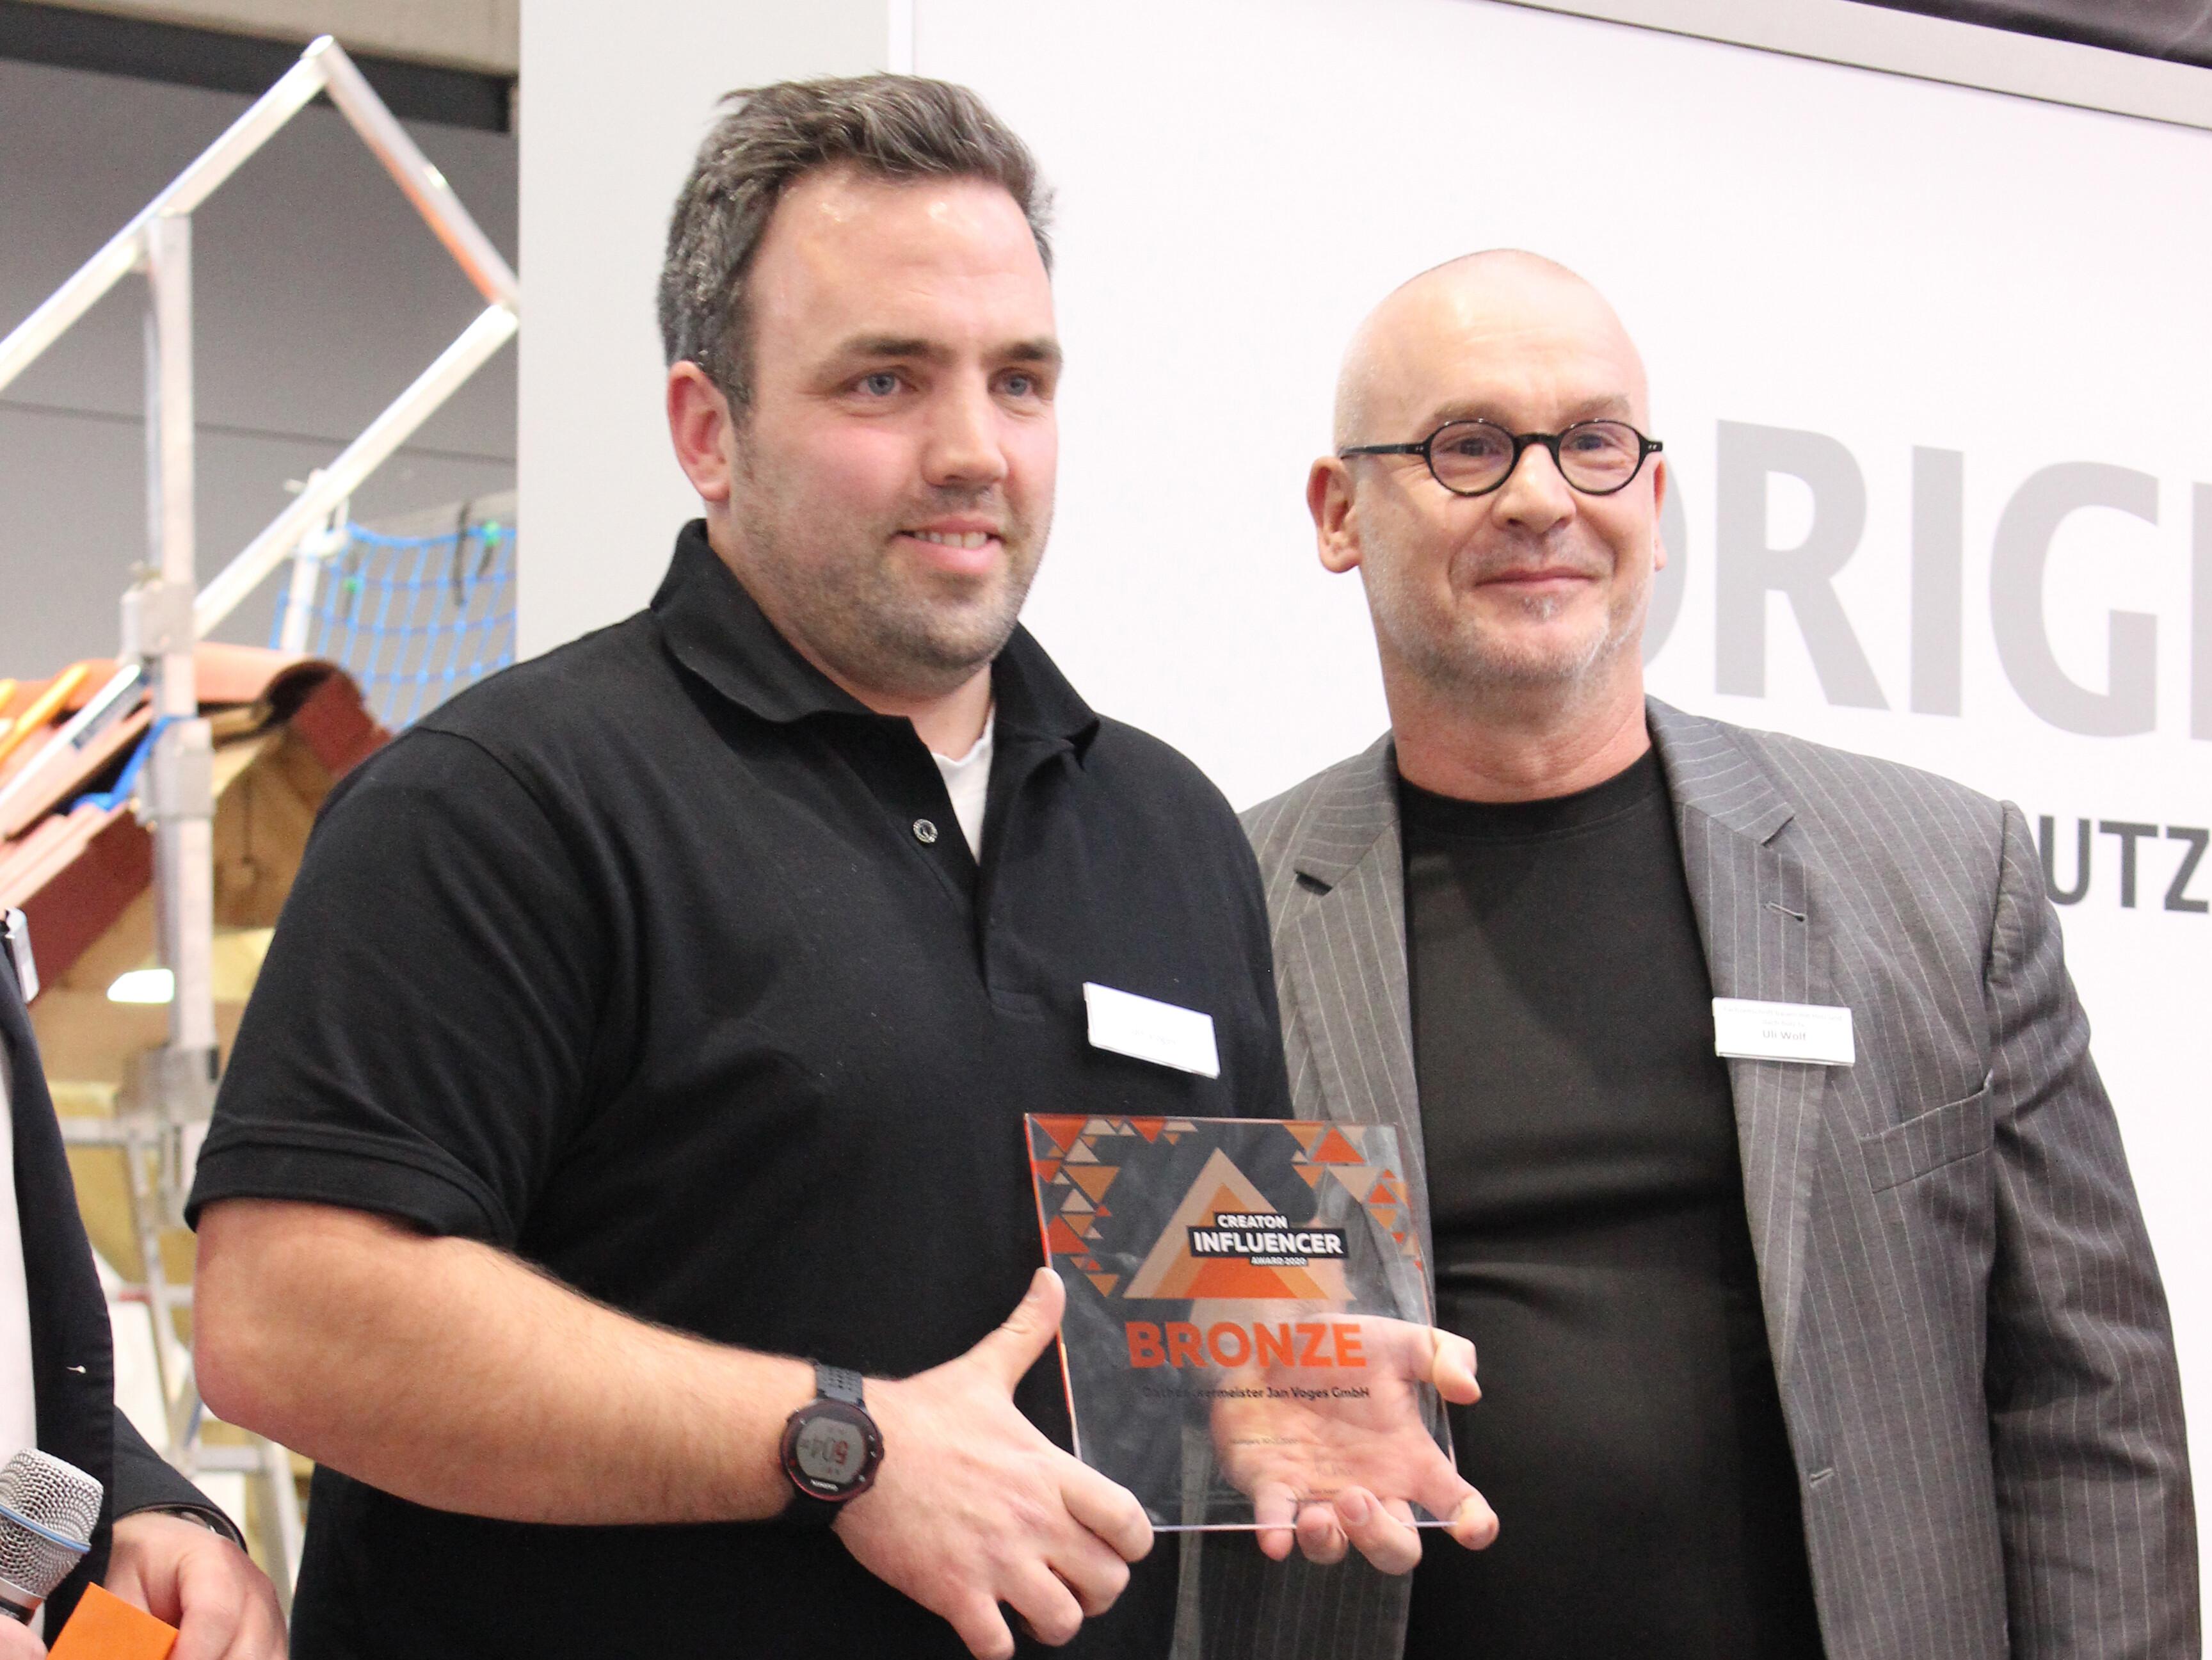 Der Drittplatzierte, Dachdeckermeister Jan Voges, mit Laudator und dach-holz.tv-Moderator Uli Wolf.